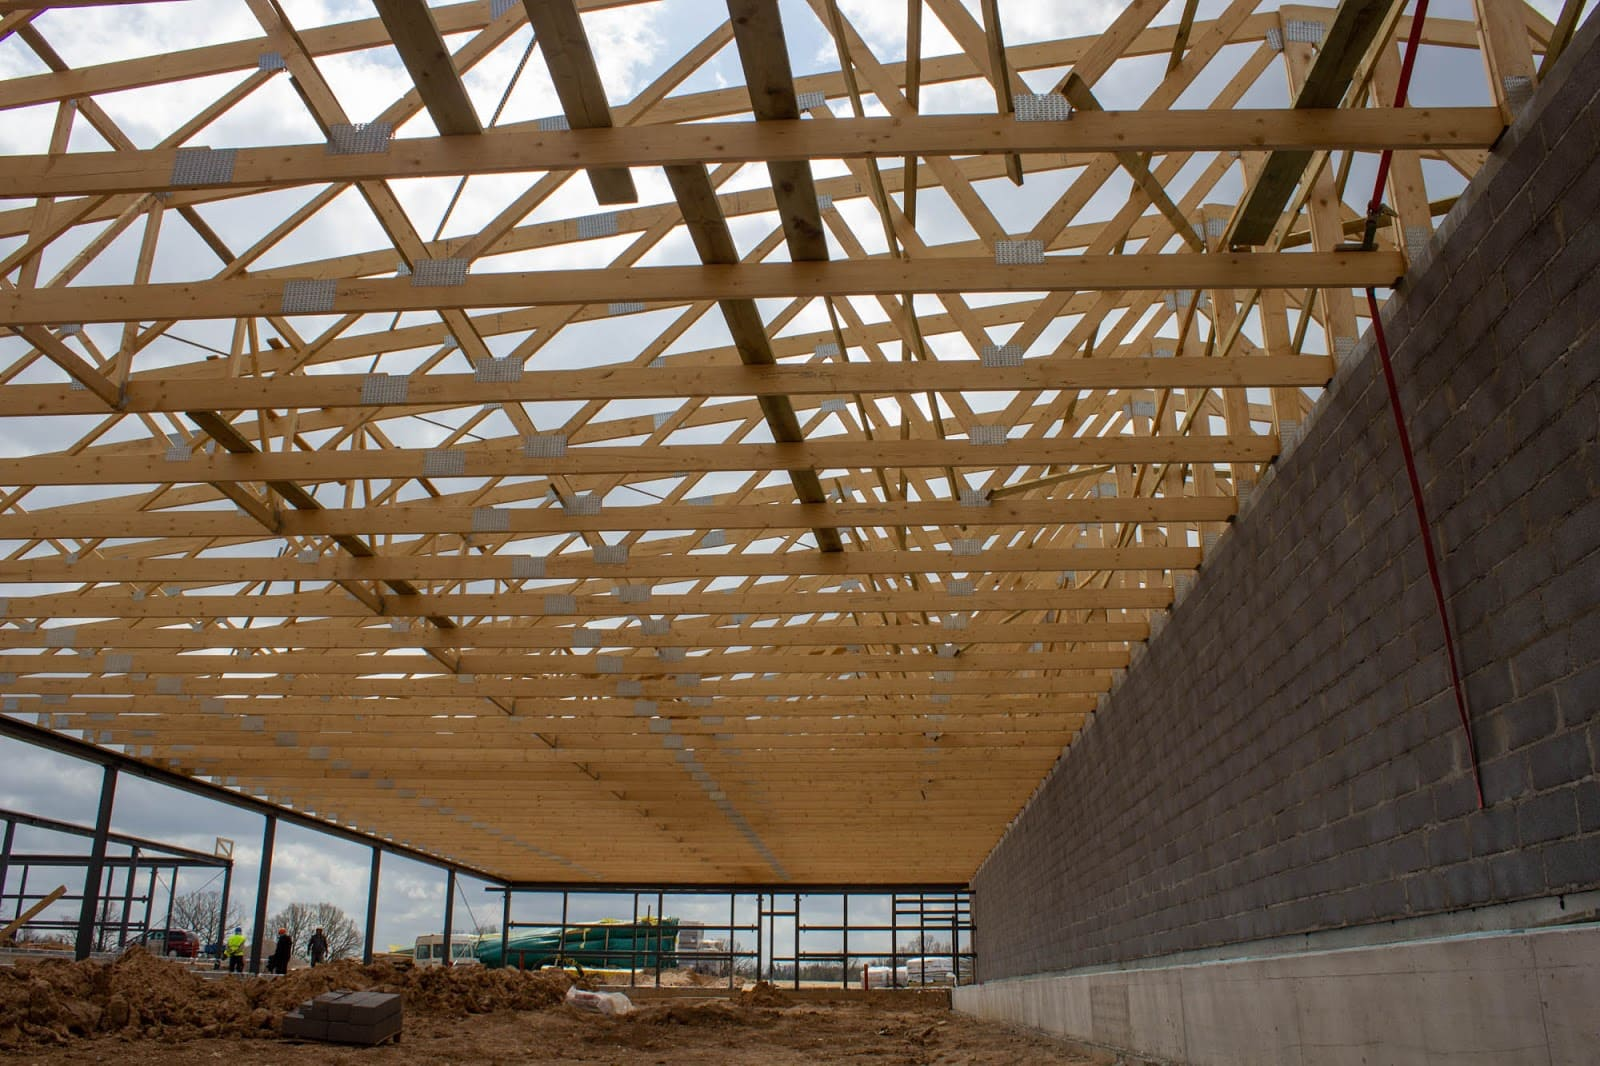 koka kopnes lopkopības ēkai jumta konstrukcija